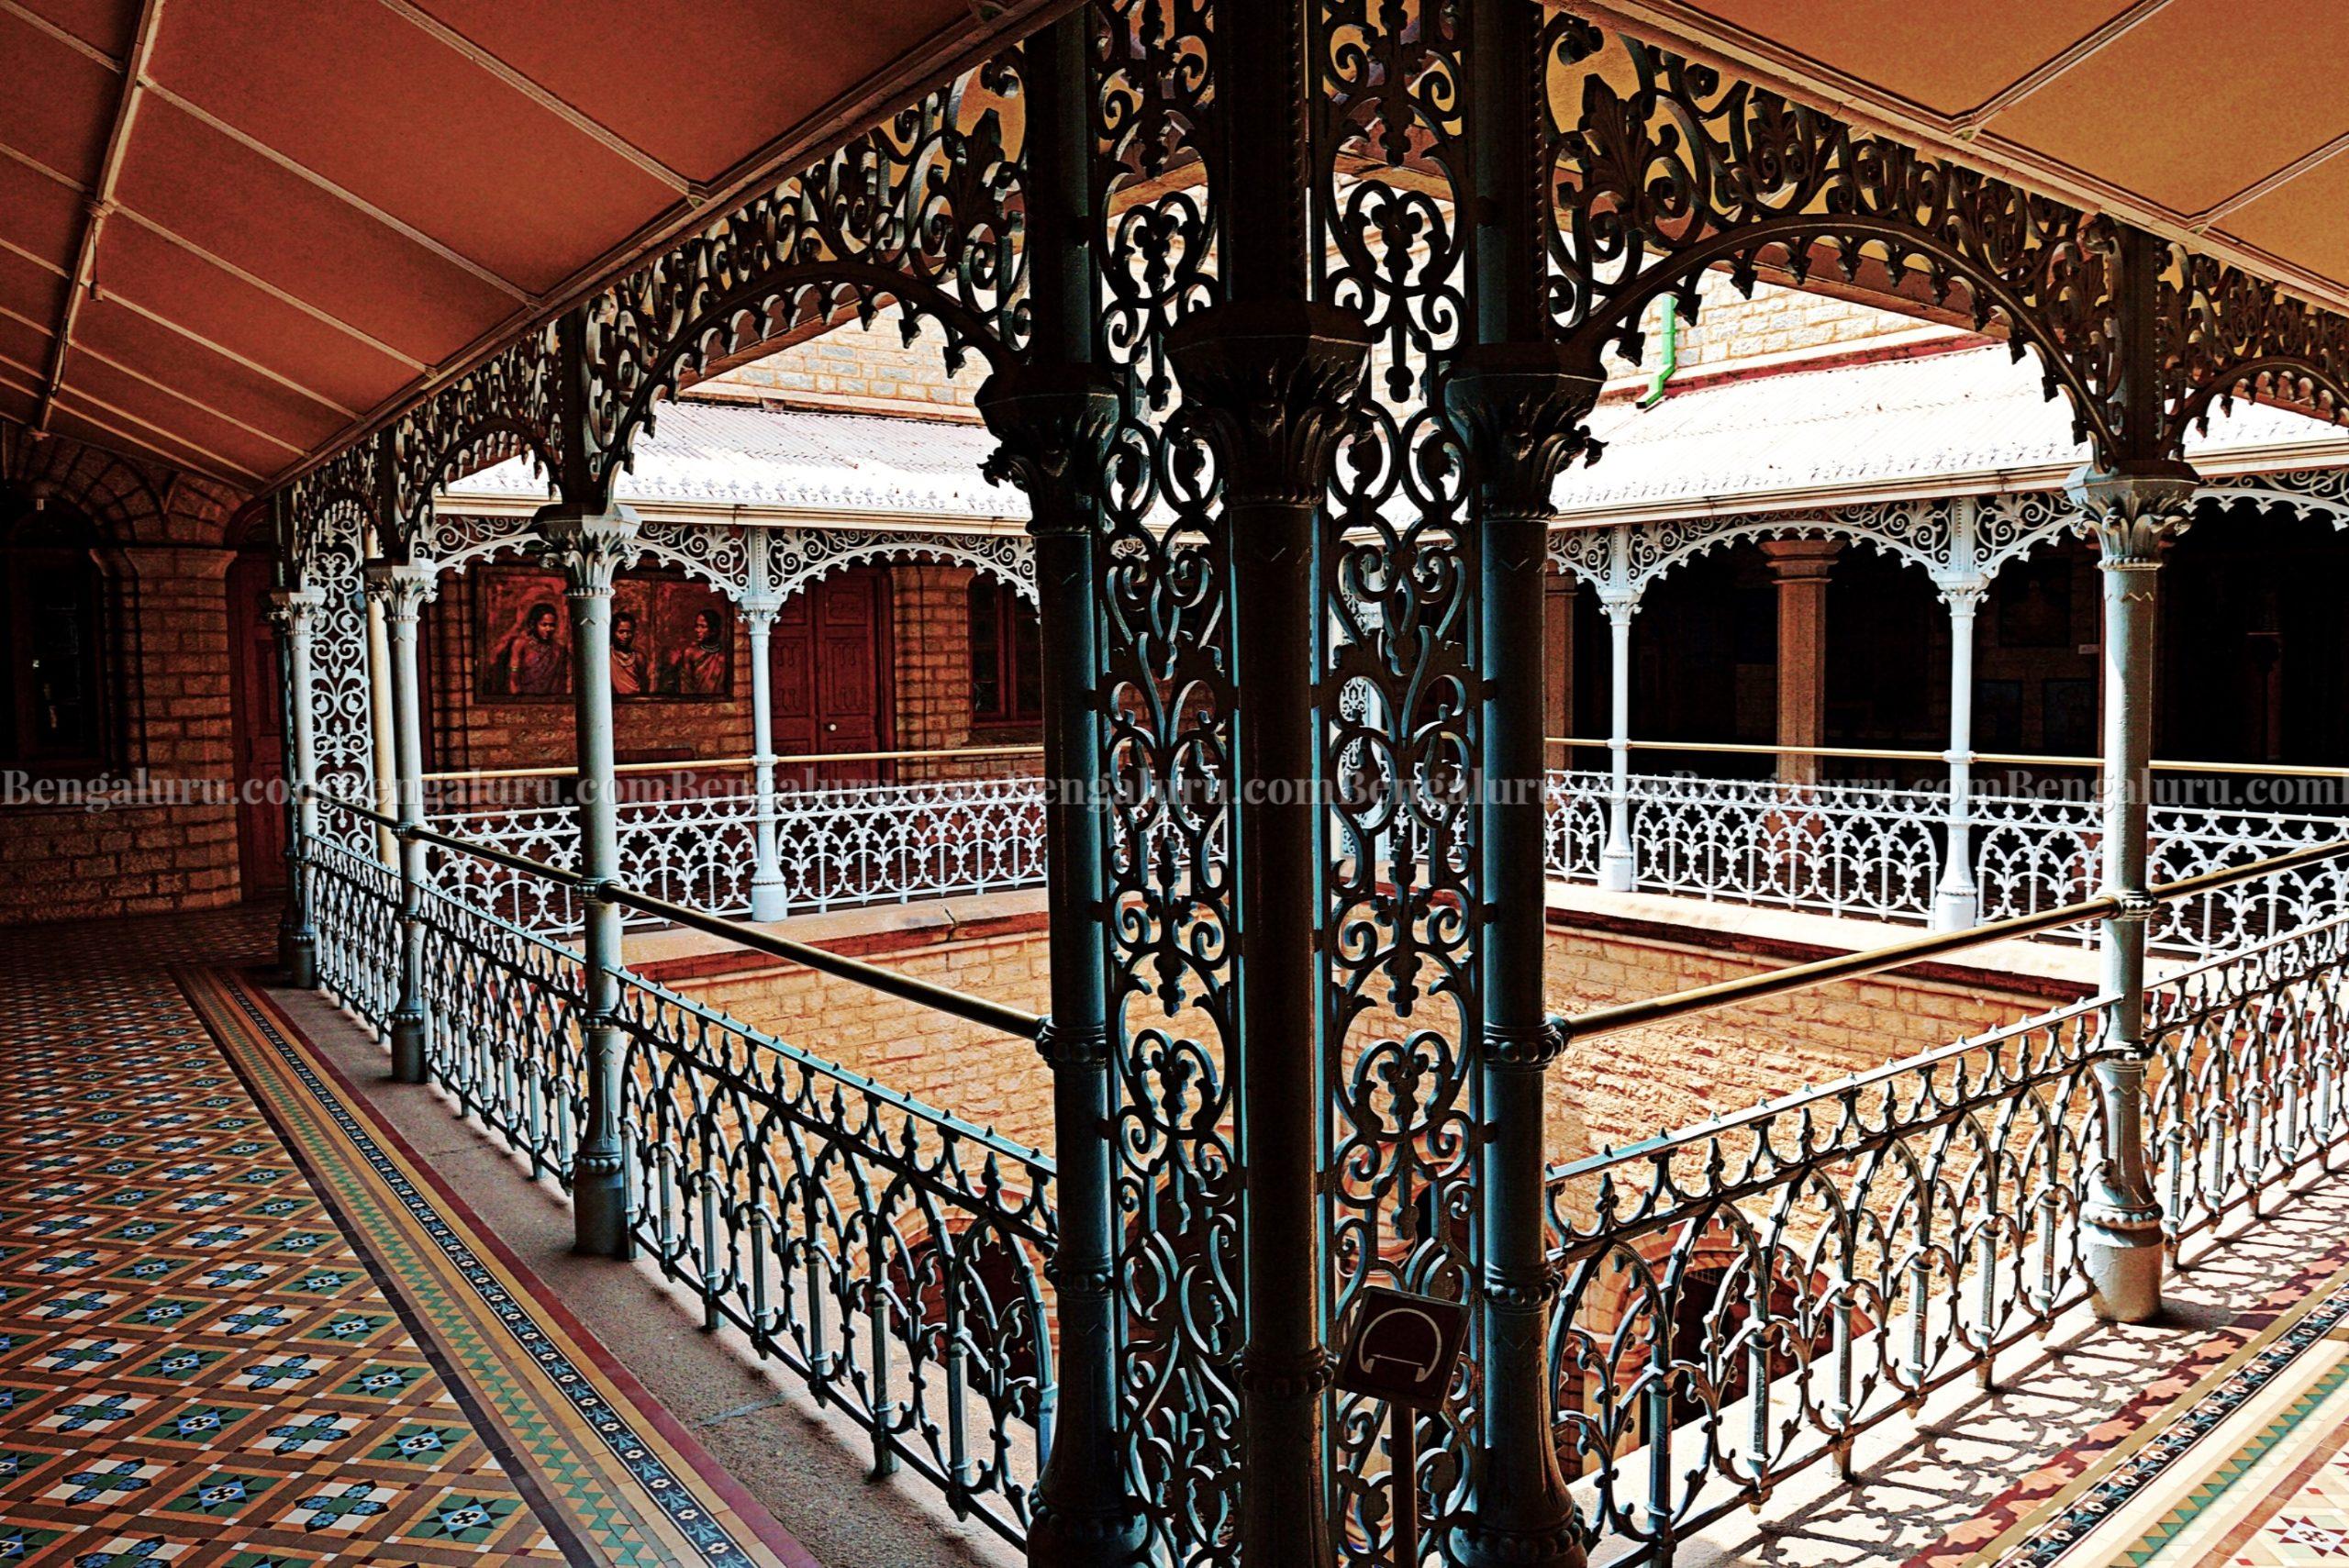 Bengaluru Palace - Pillar Designs